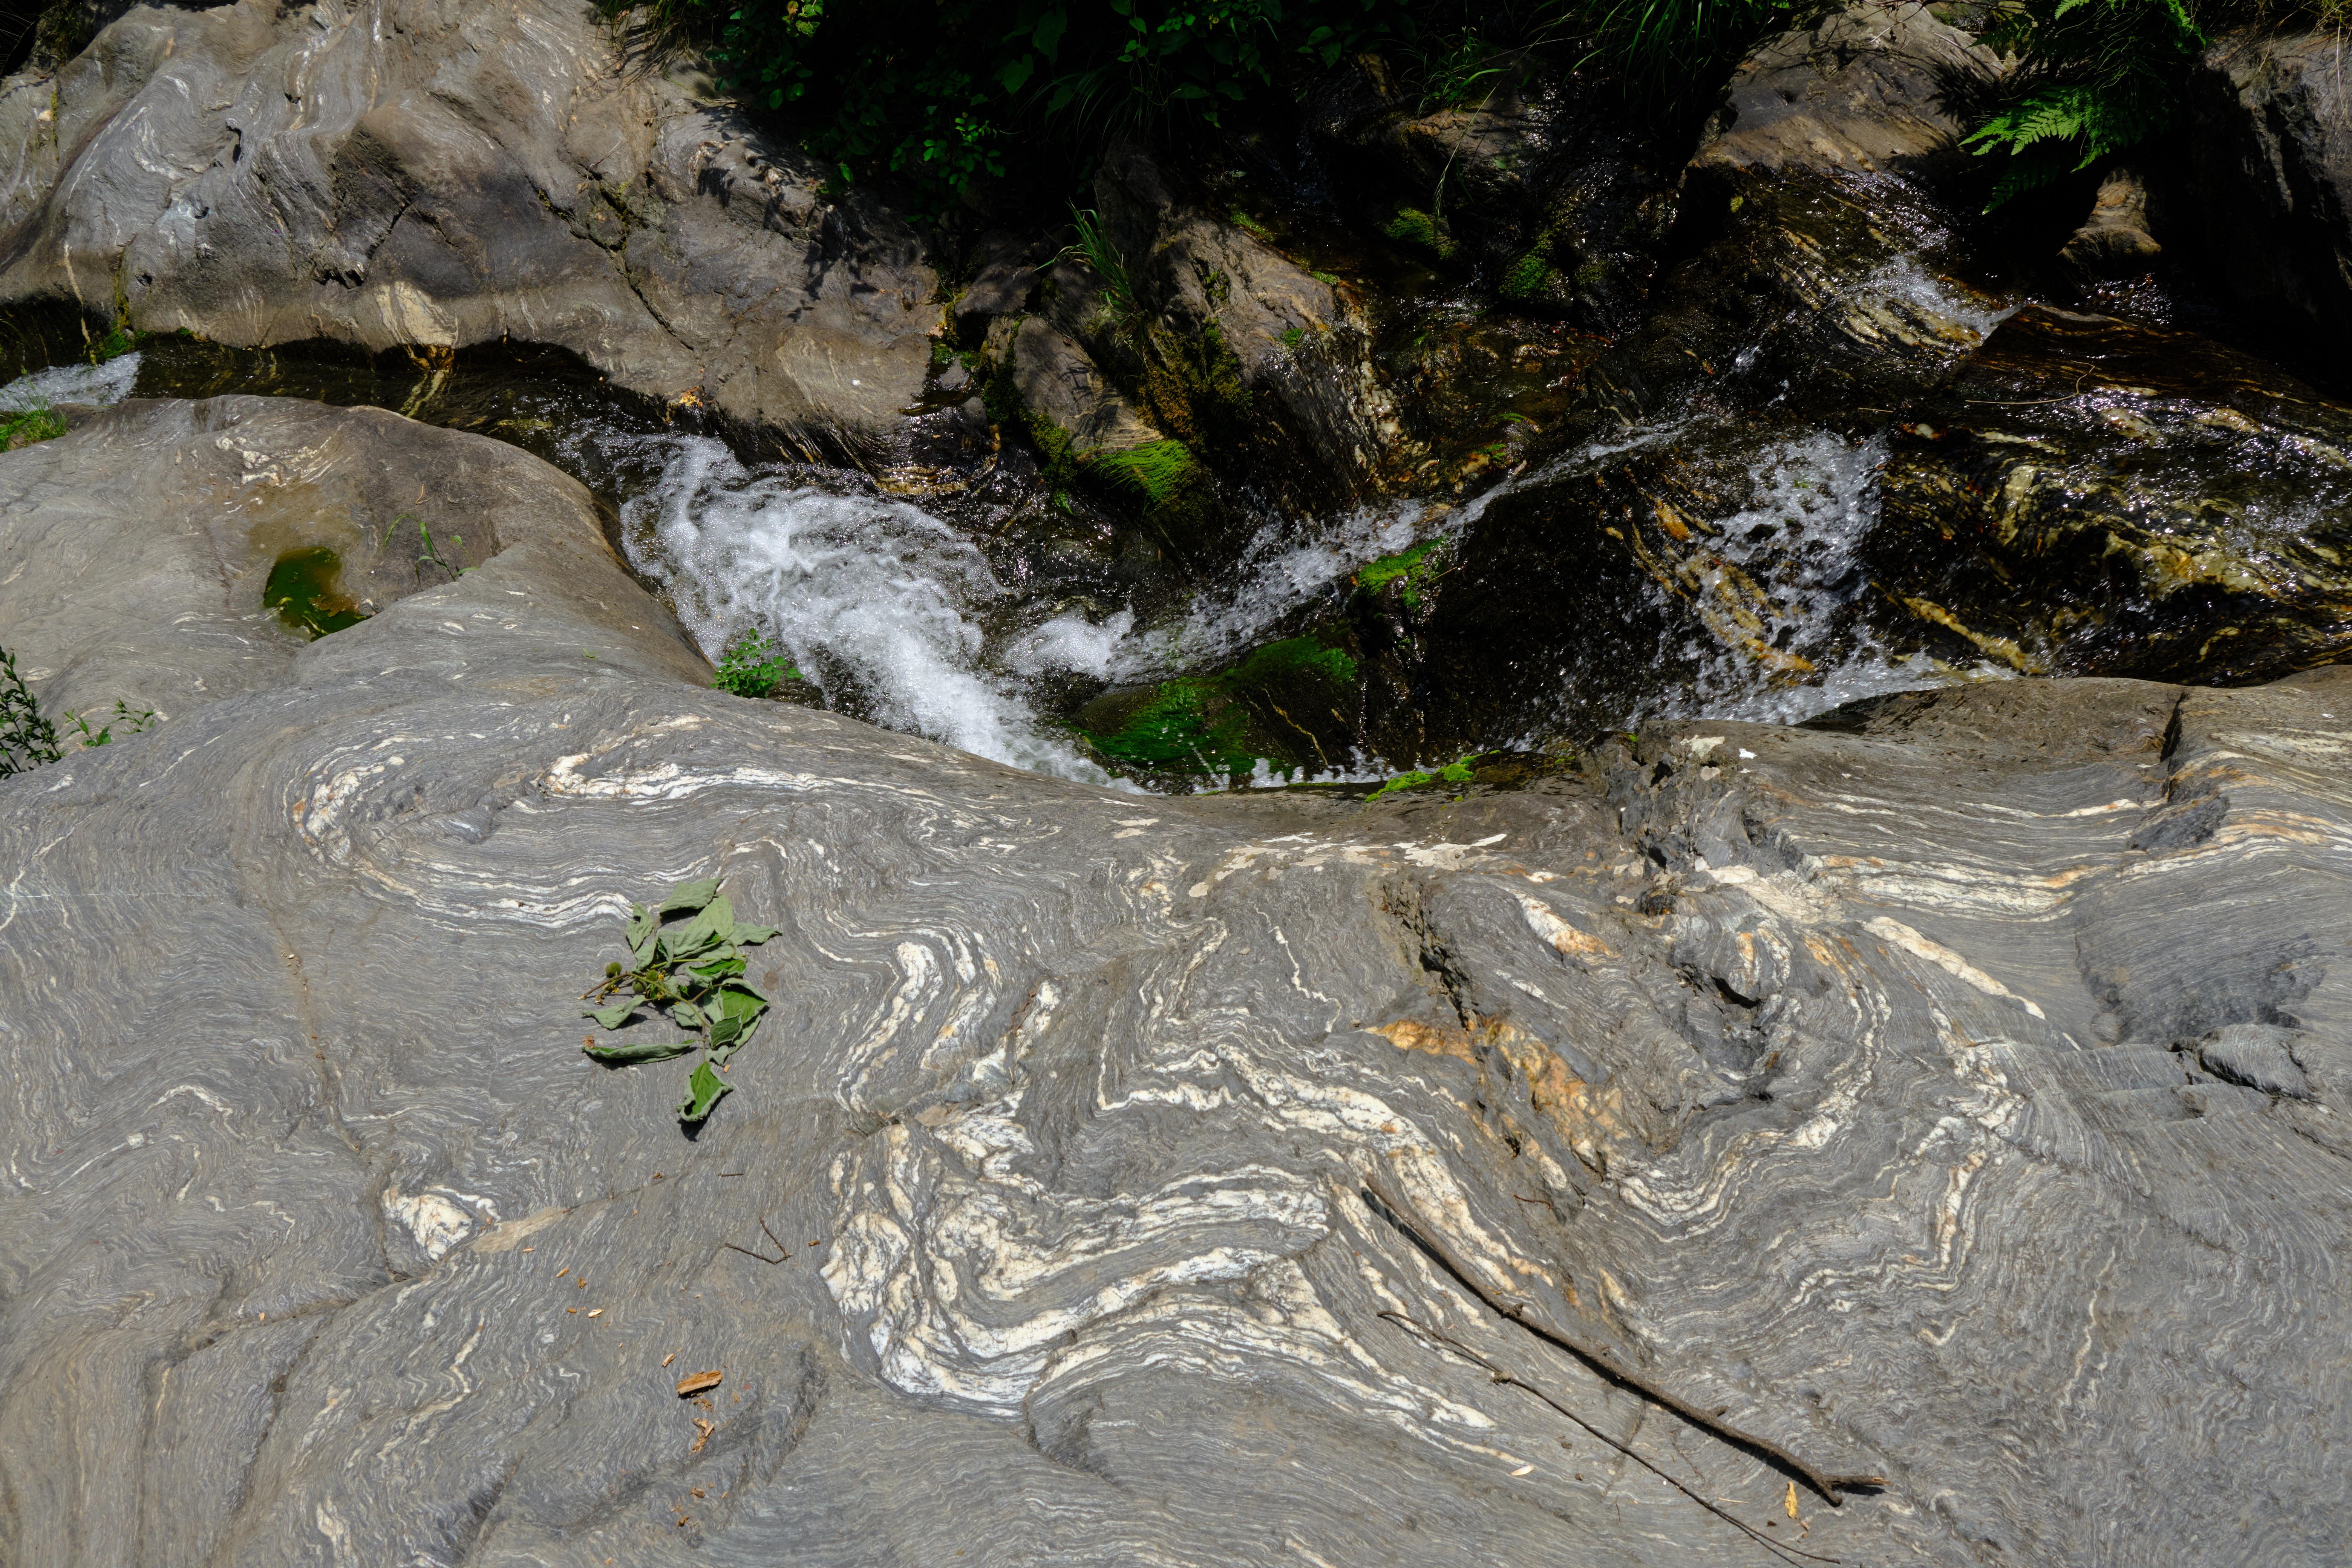 西安不怕高温,距城区30公里的金龙峡漂流,太凉爽了